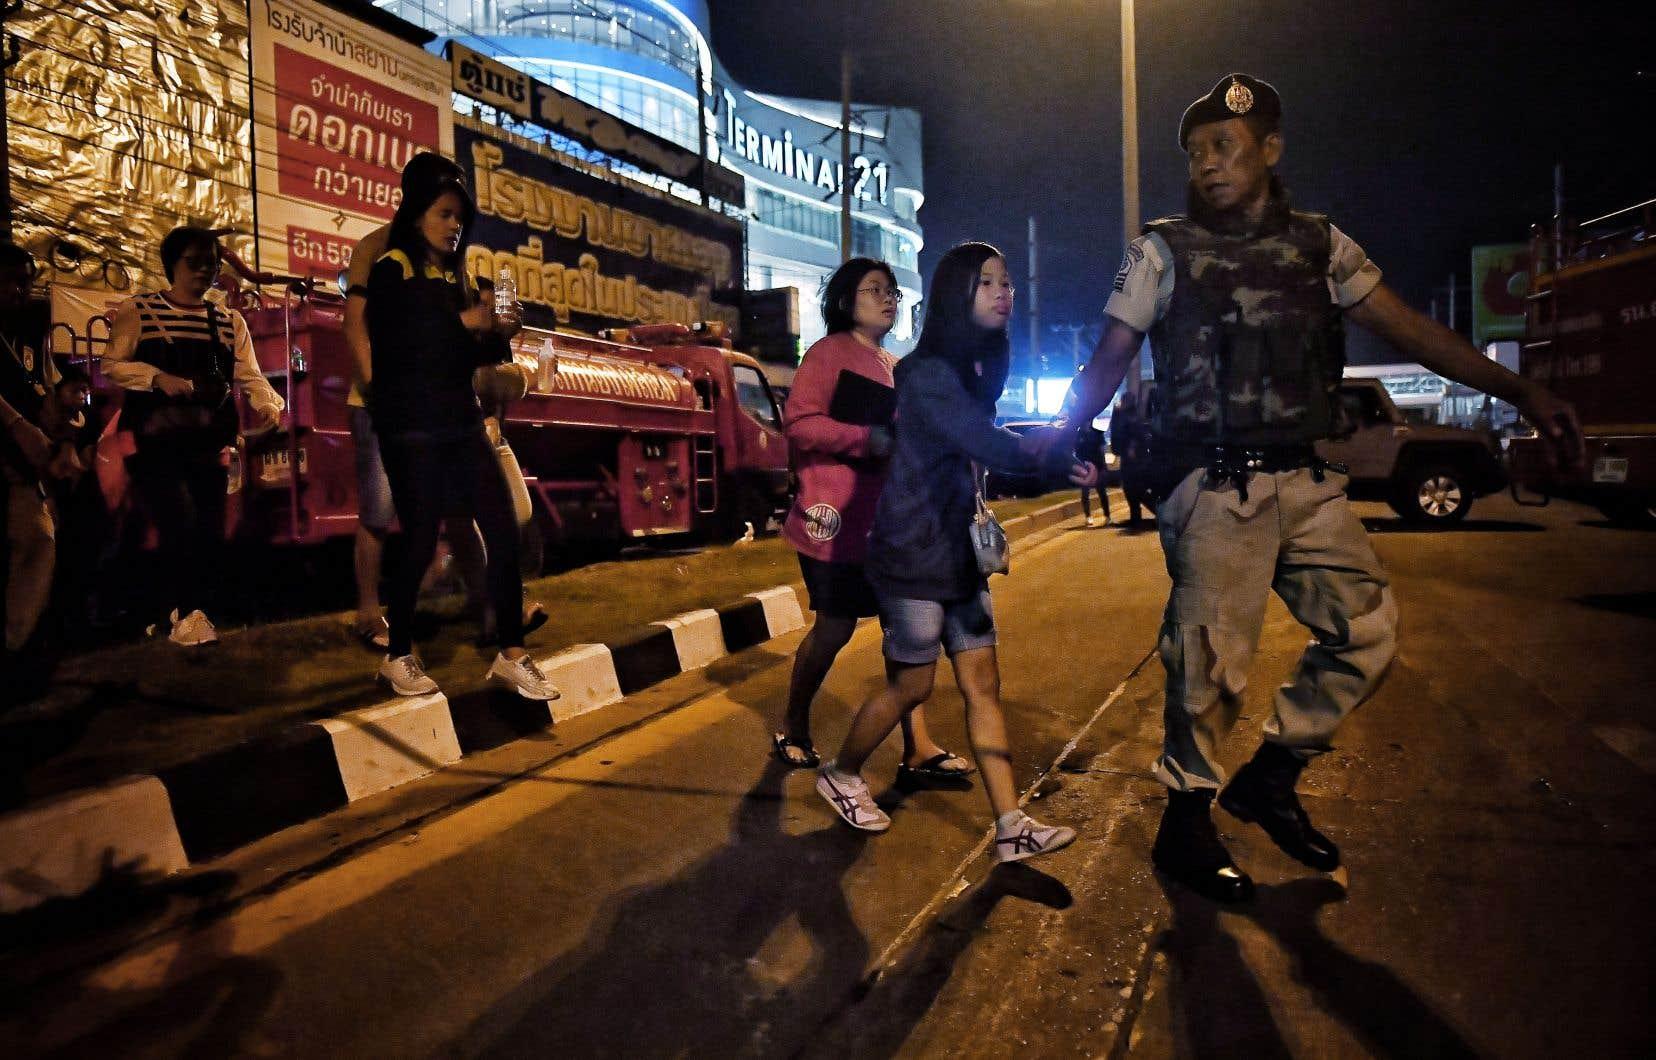 Dans la nuit, des dizaines de clients terrifiés étaient évacués du très populairecentreTerminal 21 de Nakhon Ratchasima, dont la police a déclaré avoir «pris le contrôle» du rez-de-chaussée.